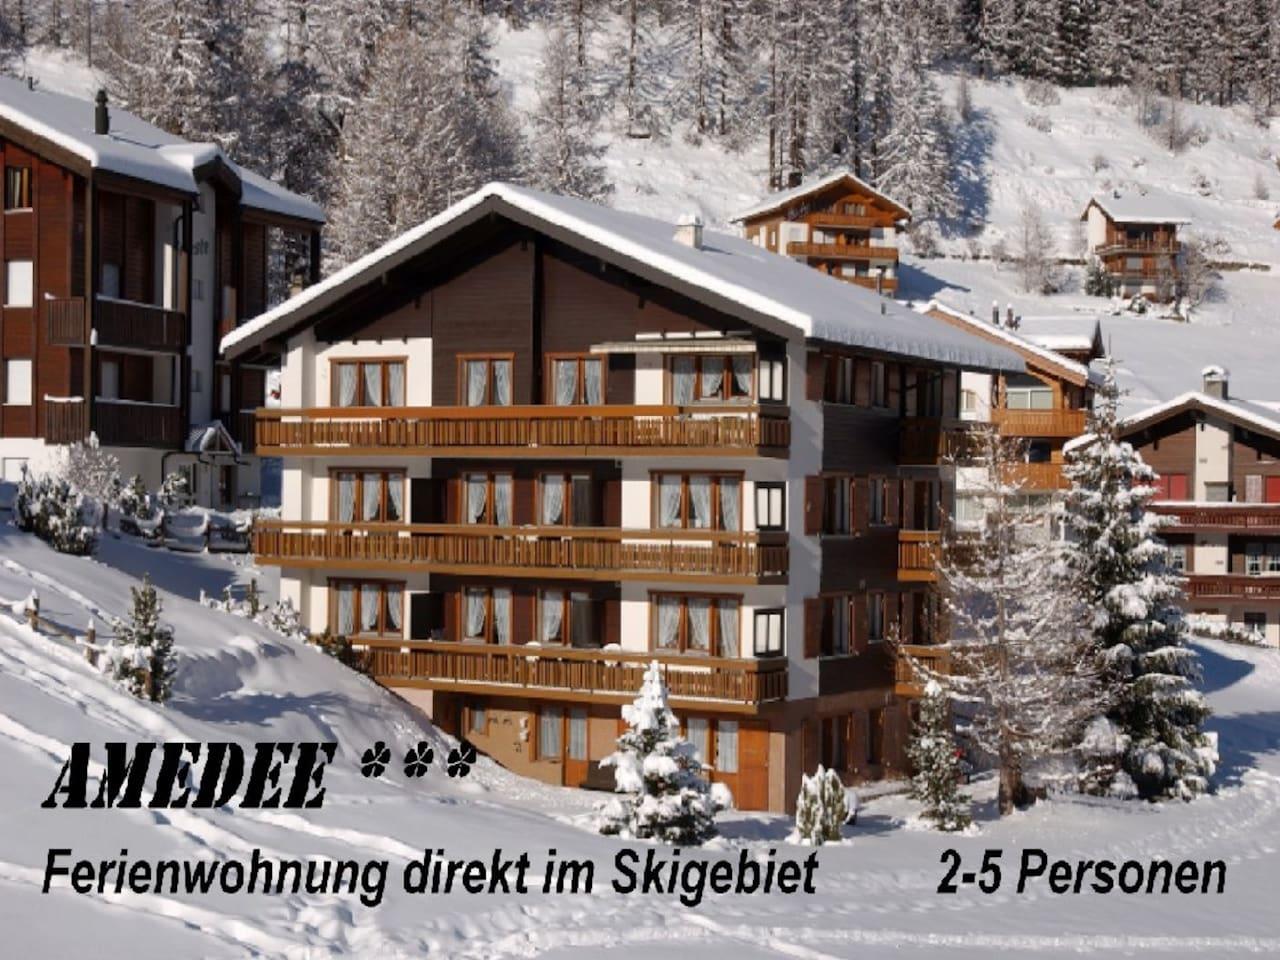 Amedee, direkt im Skigebiet